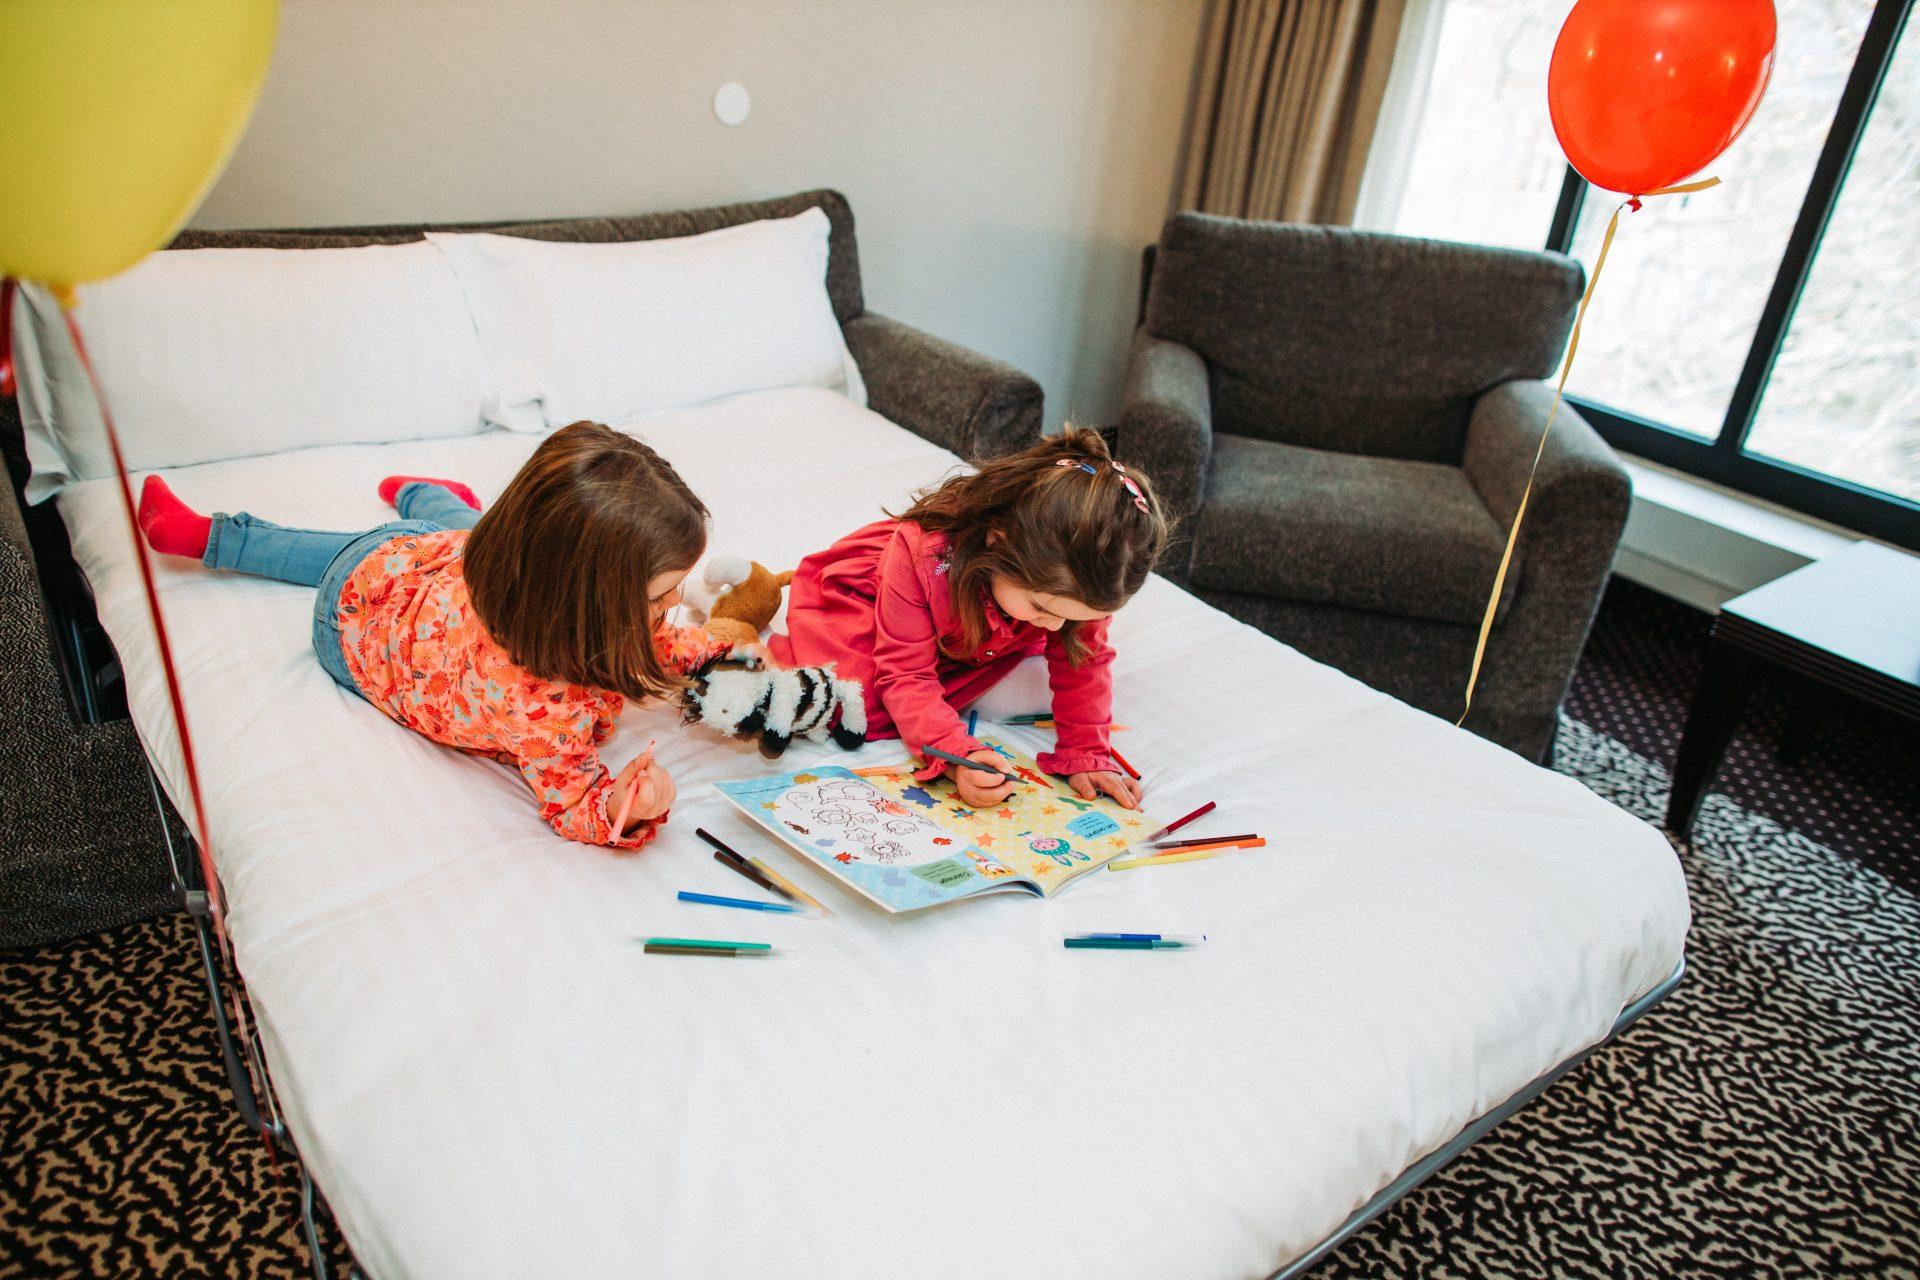 Campagne publicitaire pour un hôtel. Deux enfants dessinent sur un lit.